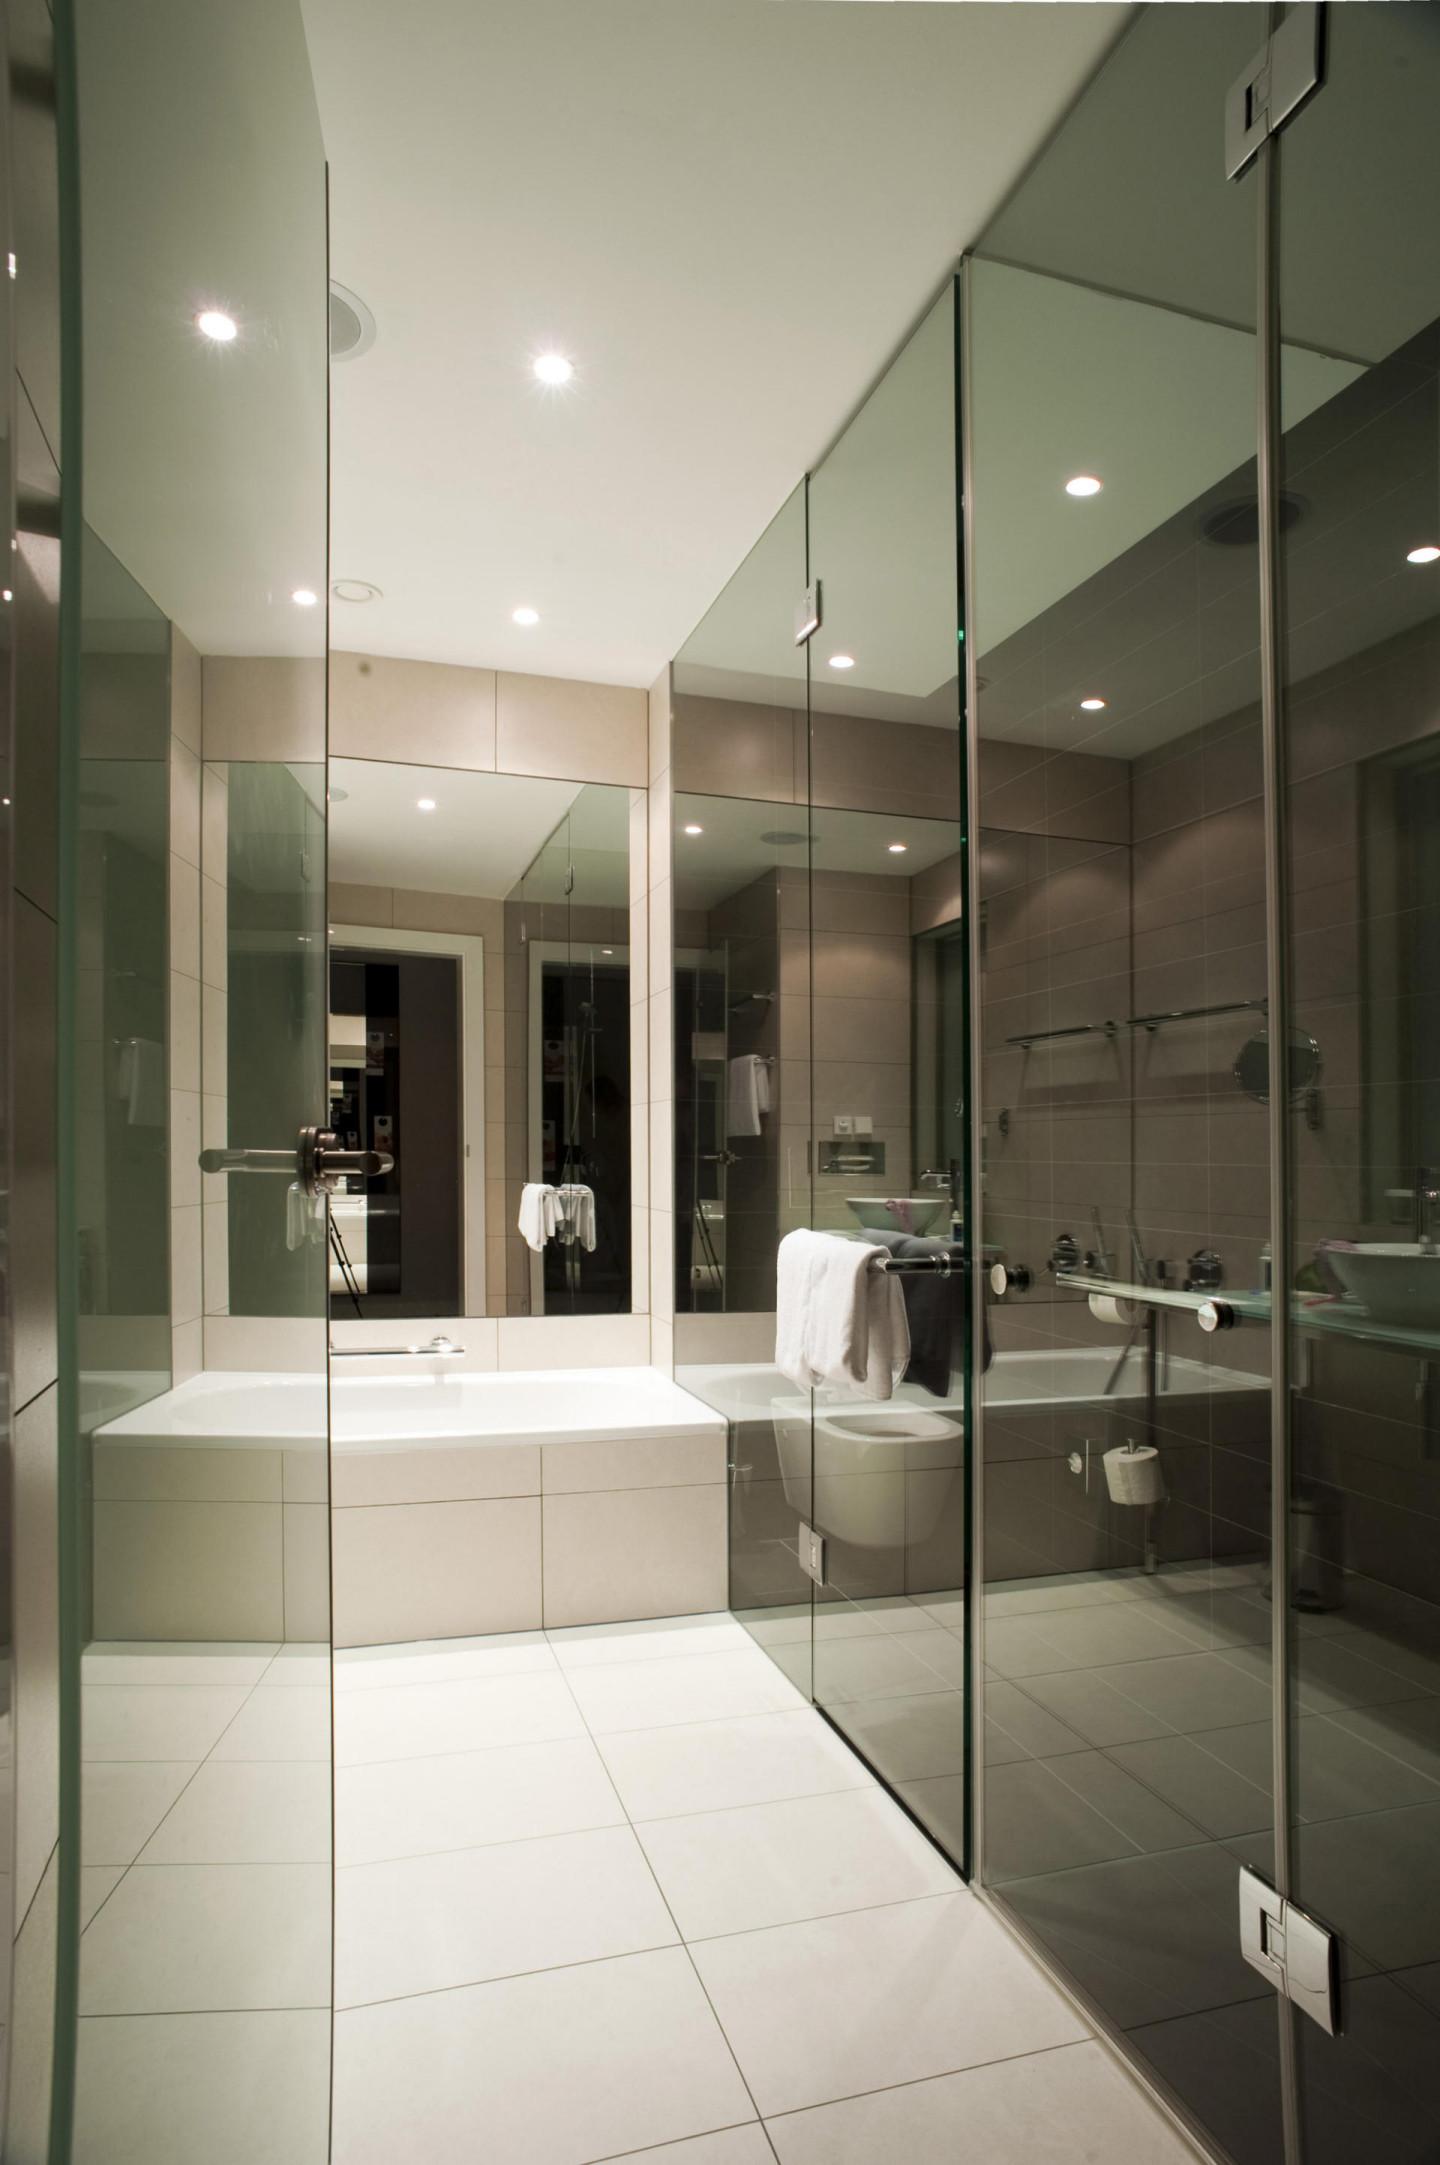 glass interior of a stylish modern hotel bathroom